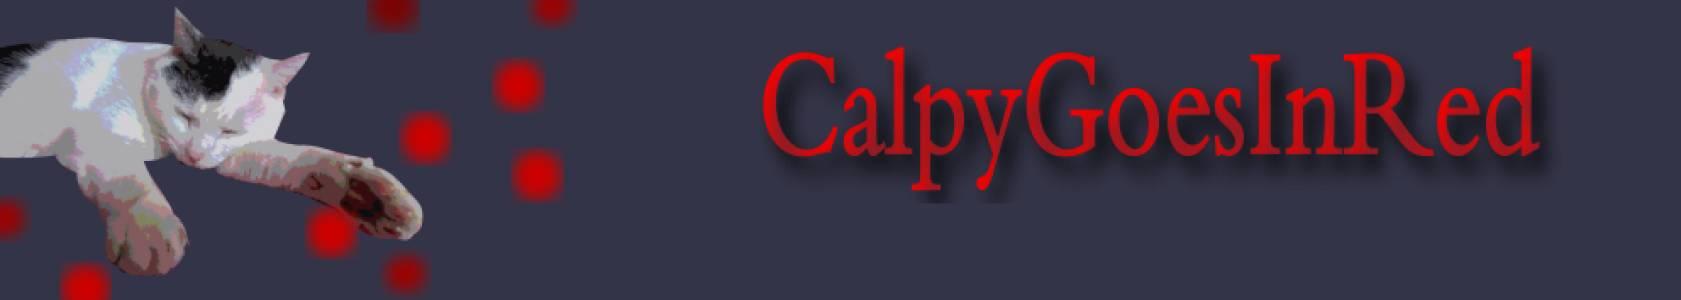 CalpyGoesInRed auf kasuwa.de